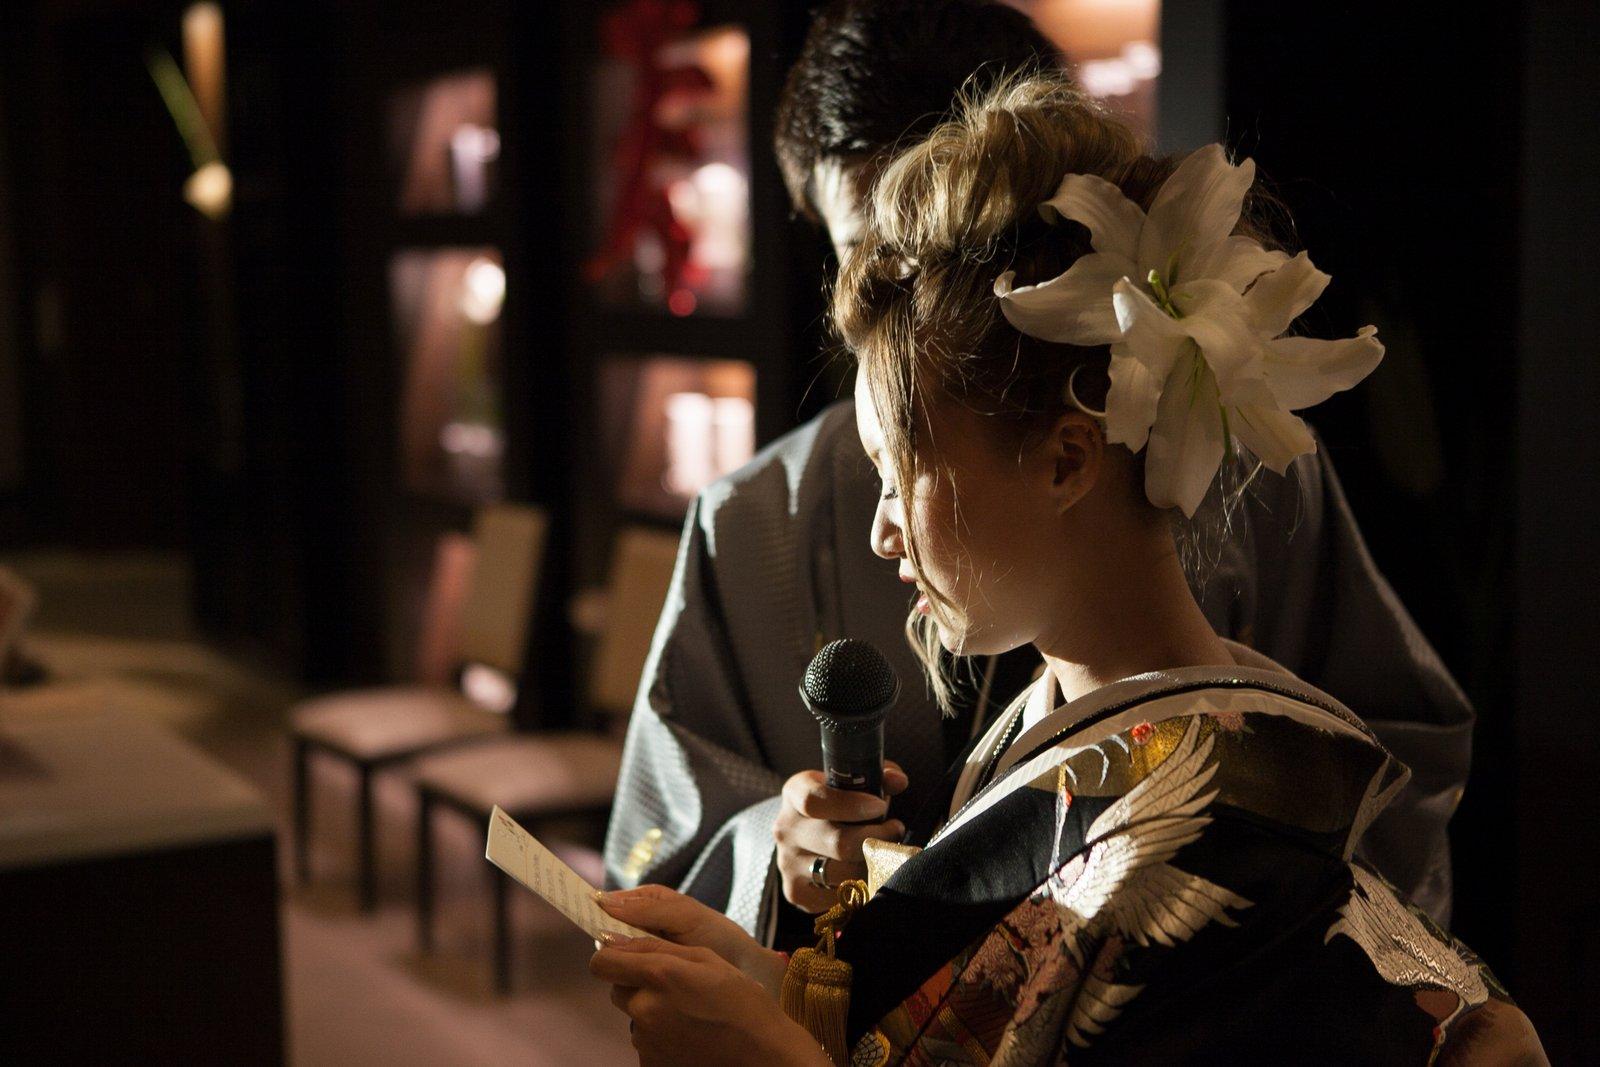 徳島市の結婚式場ブランアンジュで新婦様からご両親様へ感謝を伝える感動的なお手紙披露のシーン